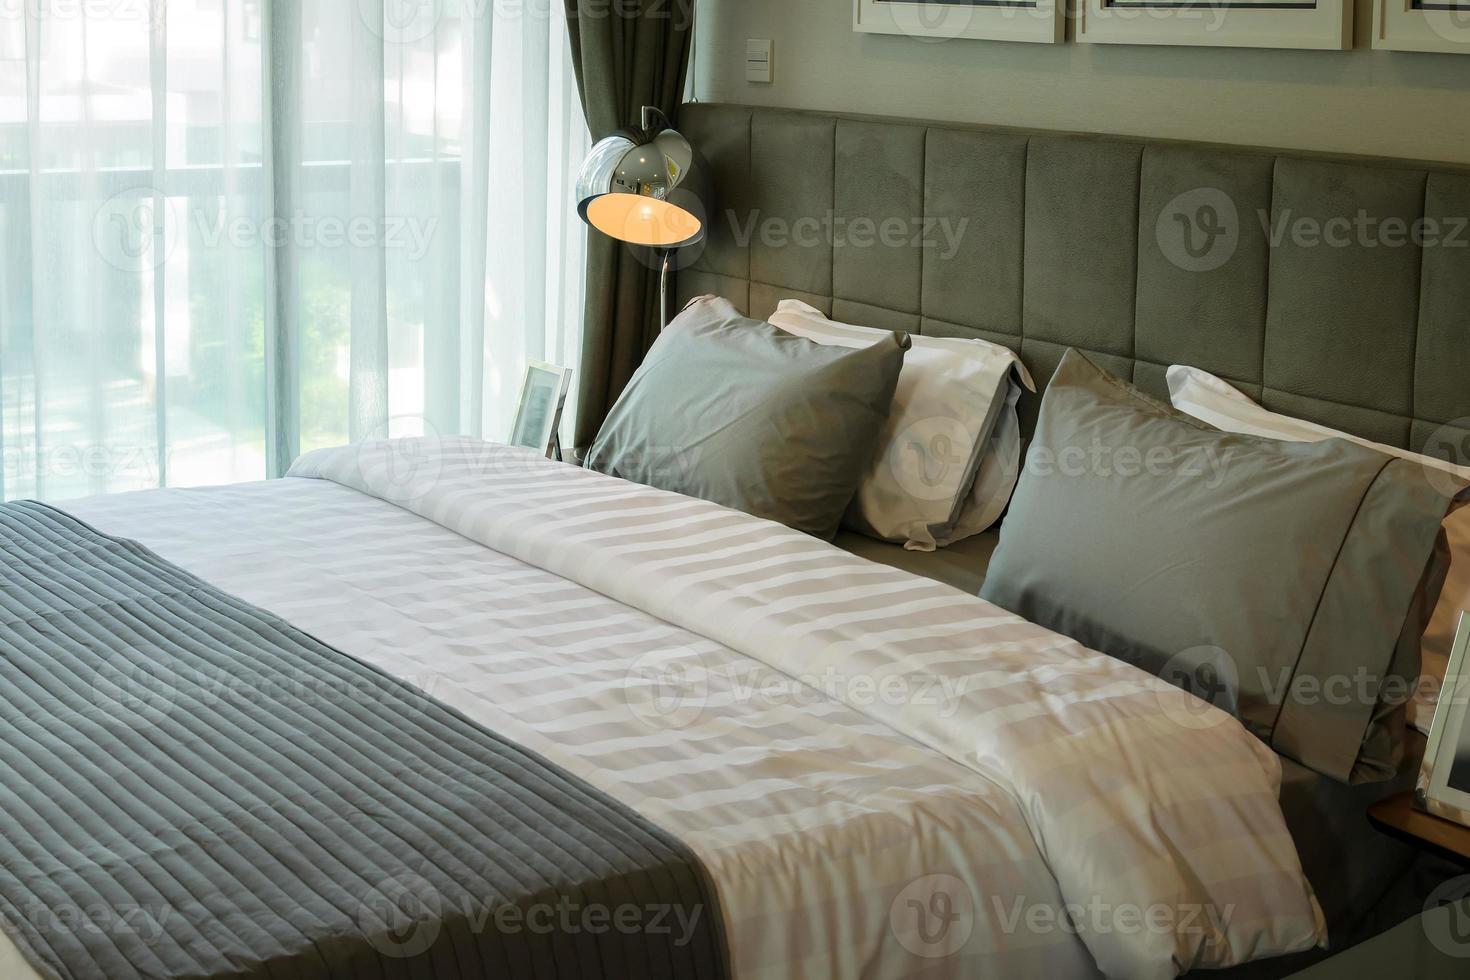 metalen bureaulamp en grijs kussen op bed foto